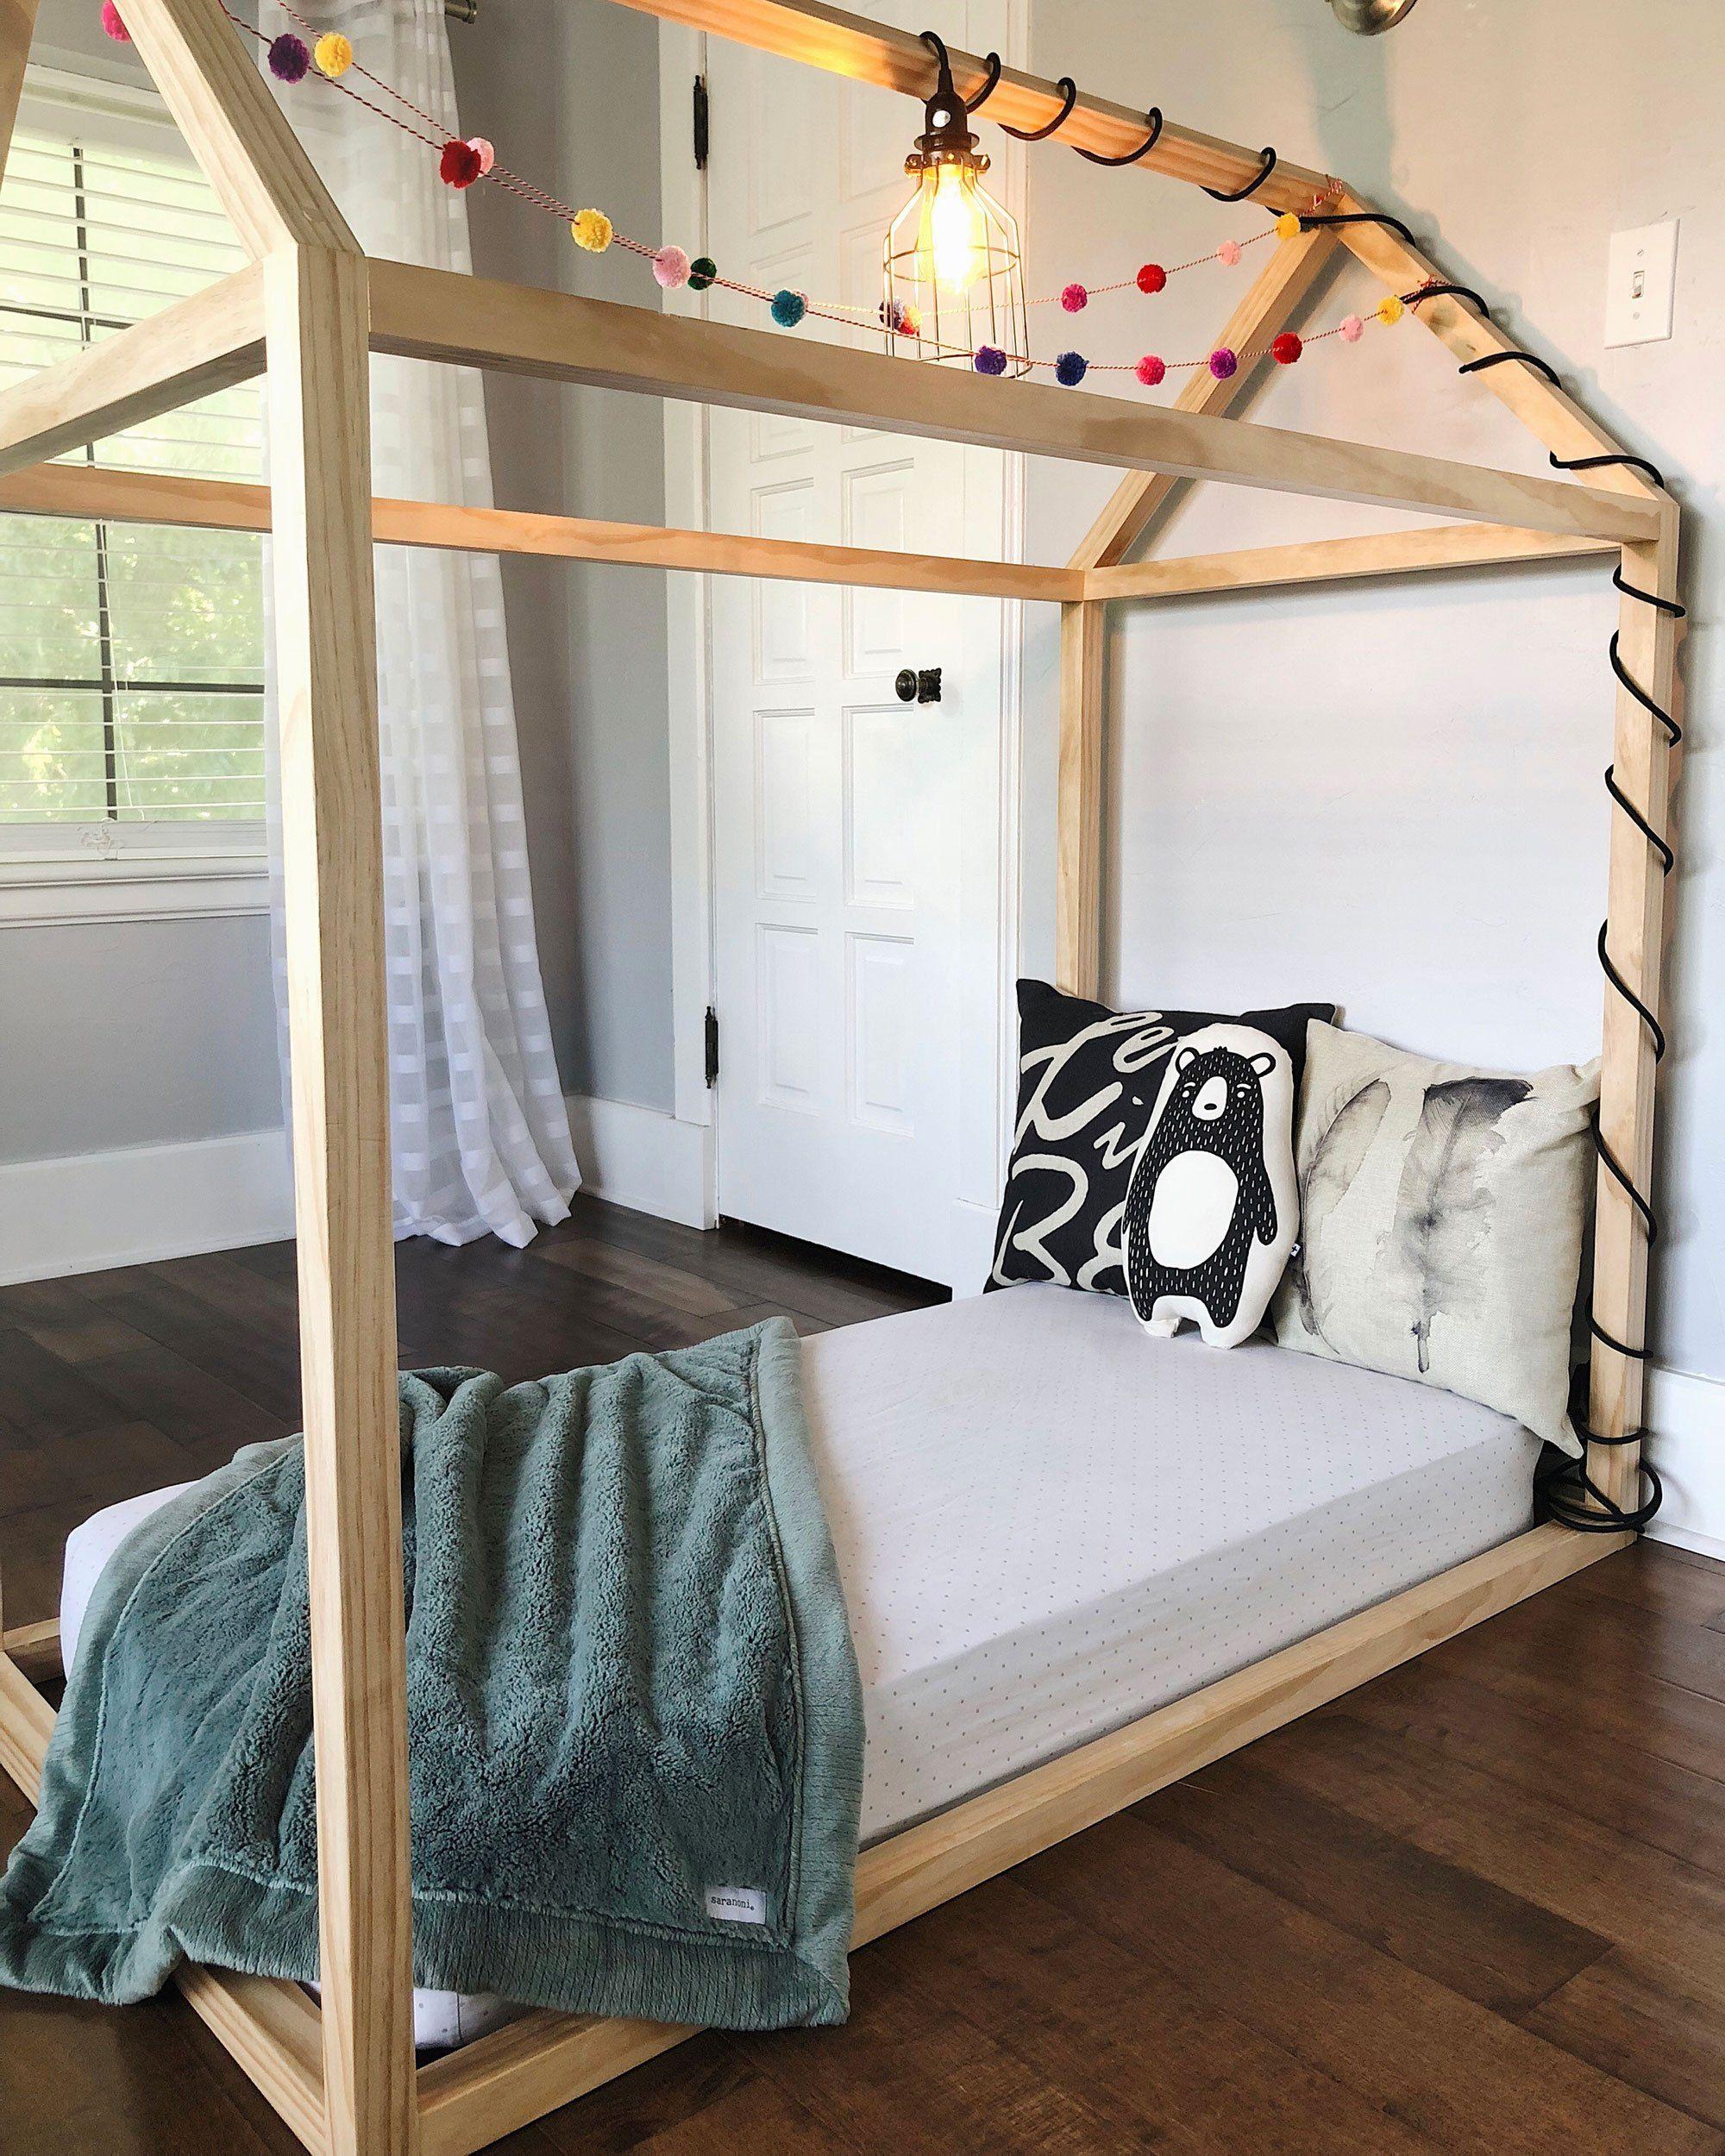 Diy Toddler House Bed Toddler House Bed Toddler Floor Bed